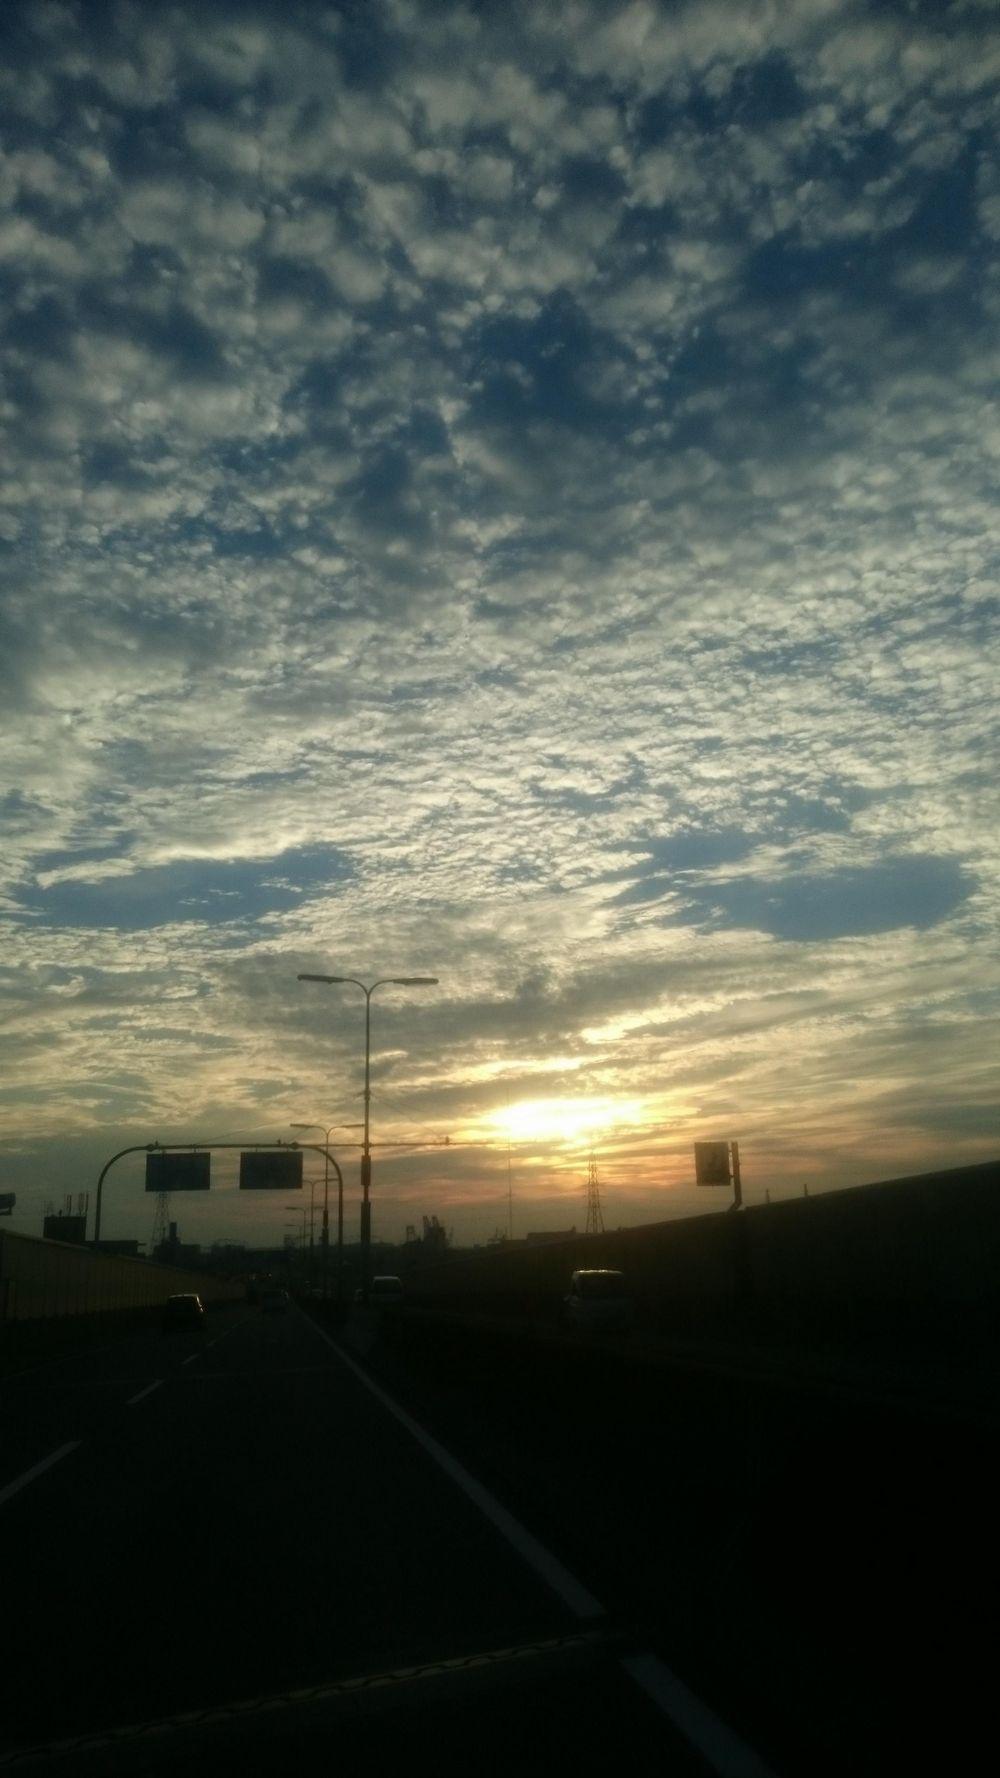 【前触れ】大阪周辺の上空で「地震雲」の目撃報告がネット上に相次ぐ